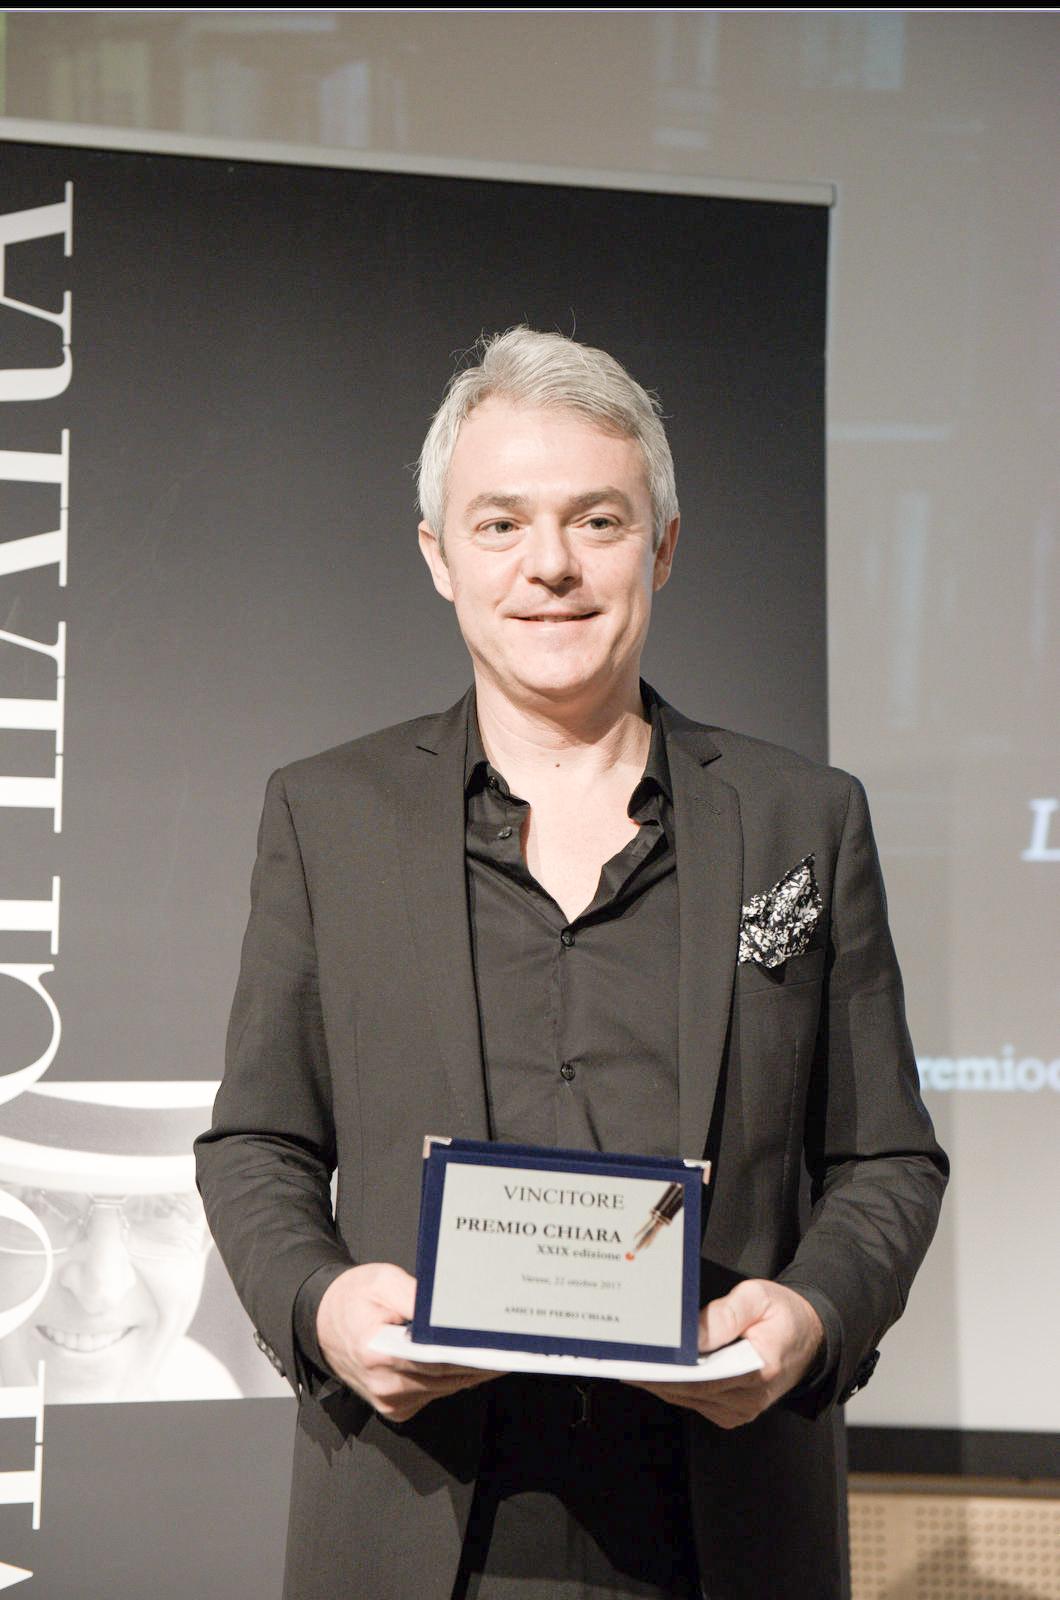 Davide Bregola Vincitore Premio Chiara 2017